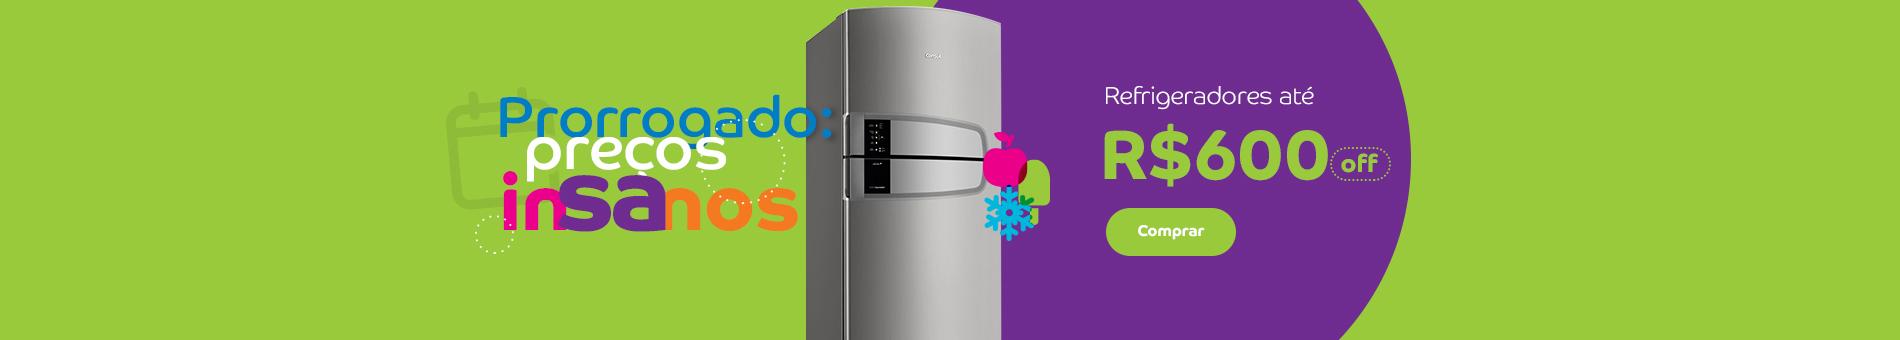 Promoção Interna - 530 - segundainsana_refrigeradores_home2_27062016 - refrigeradores - 2